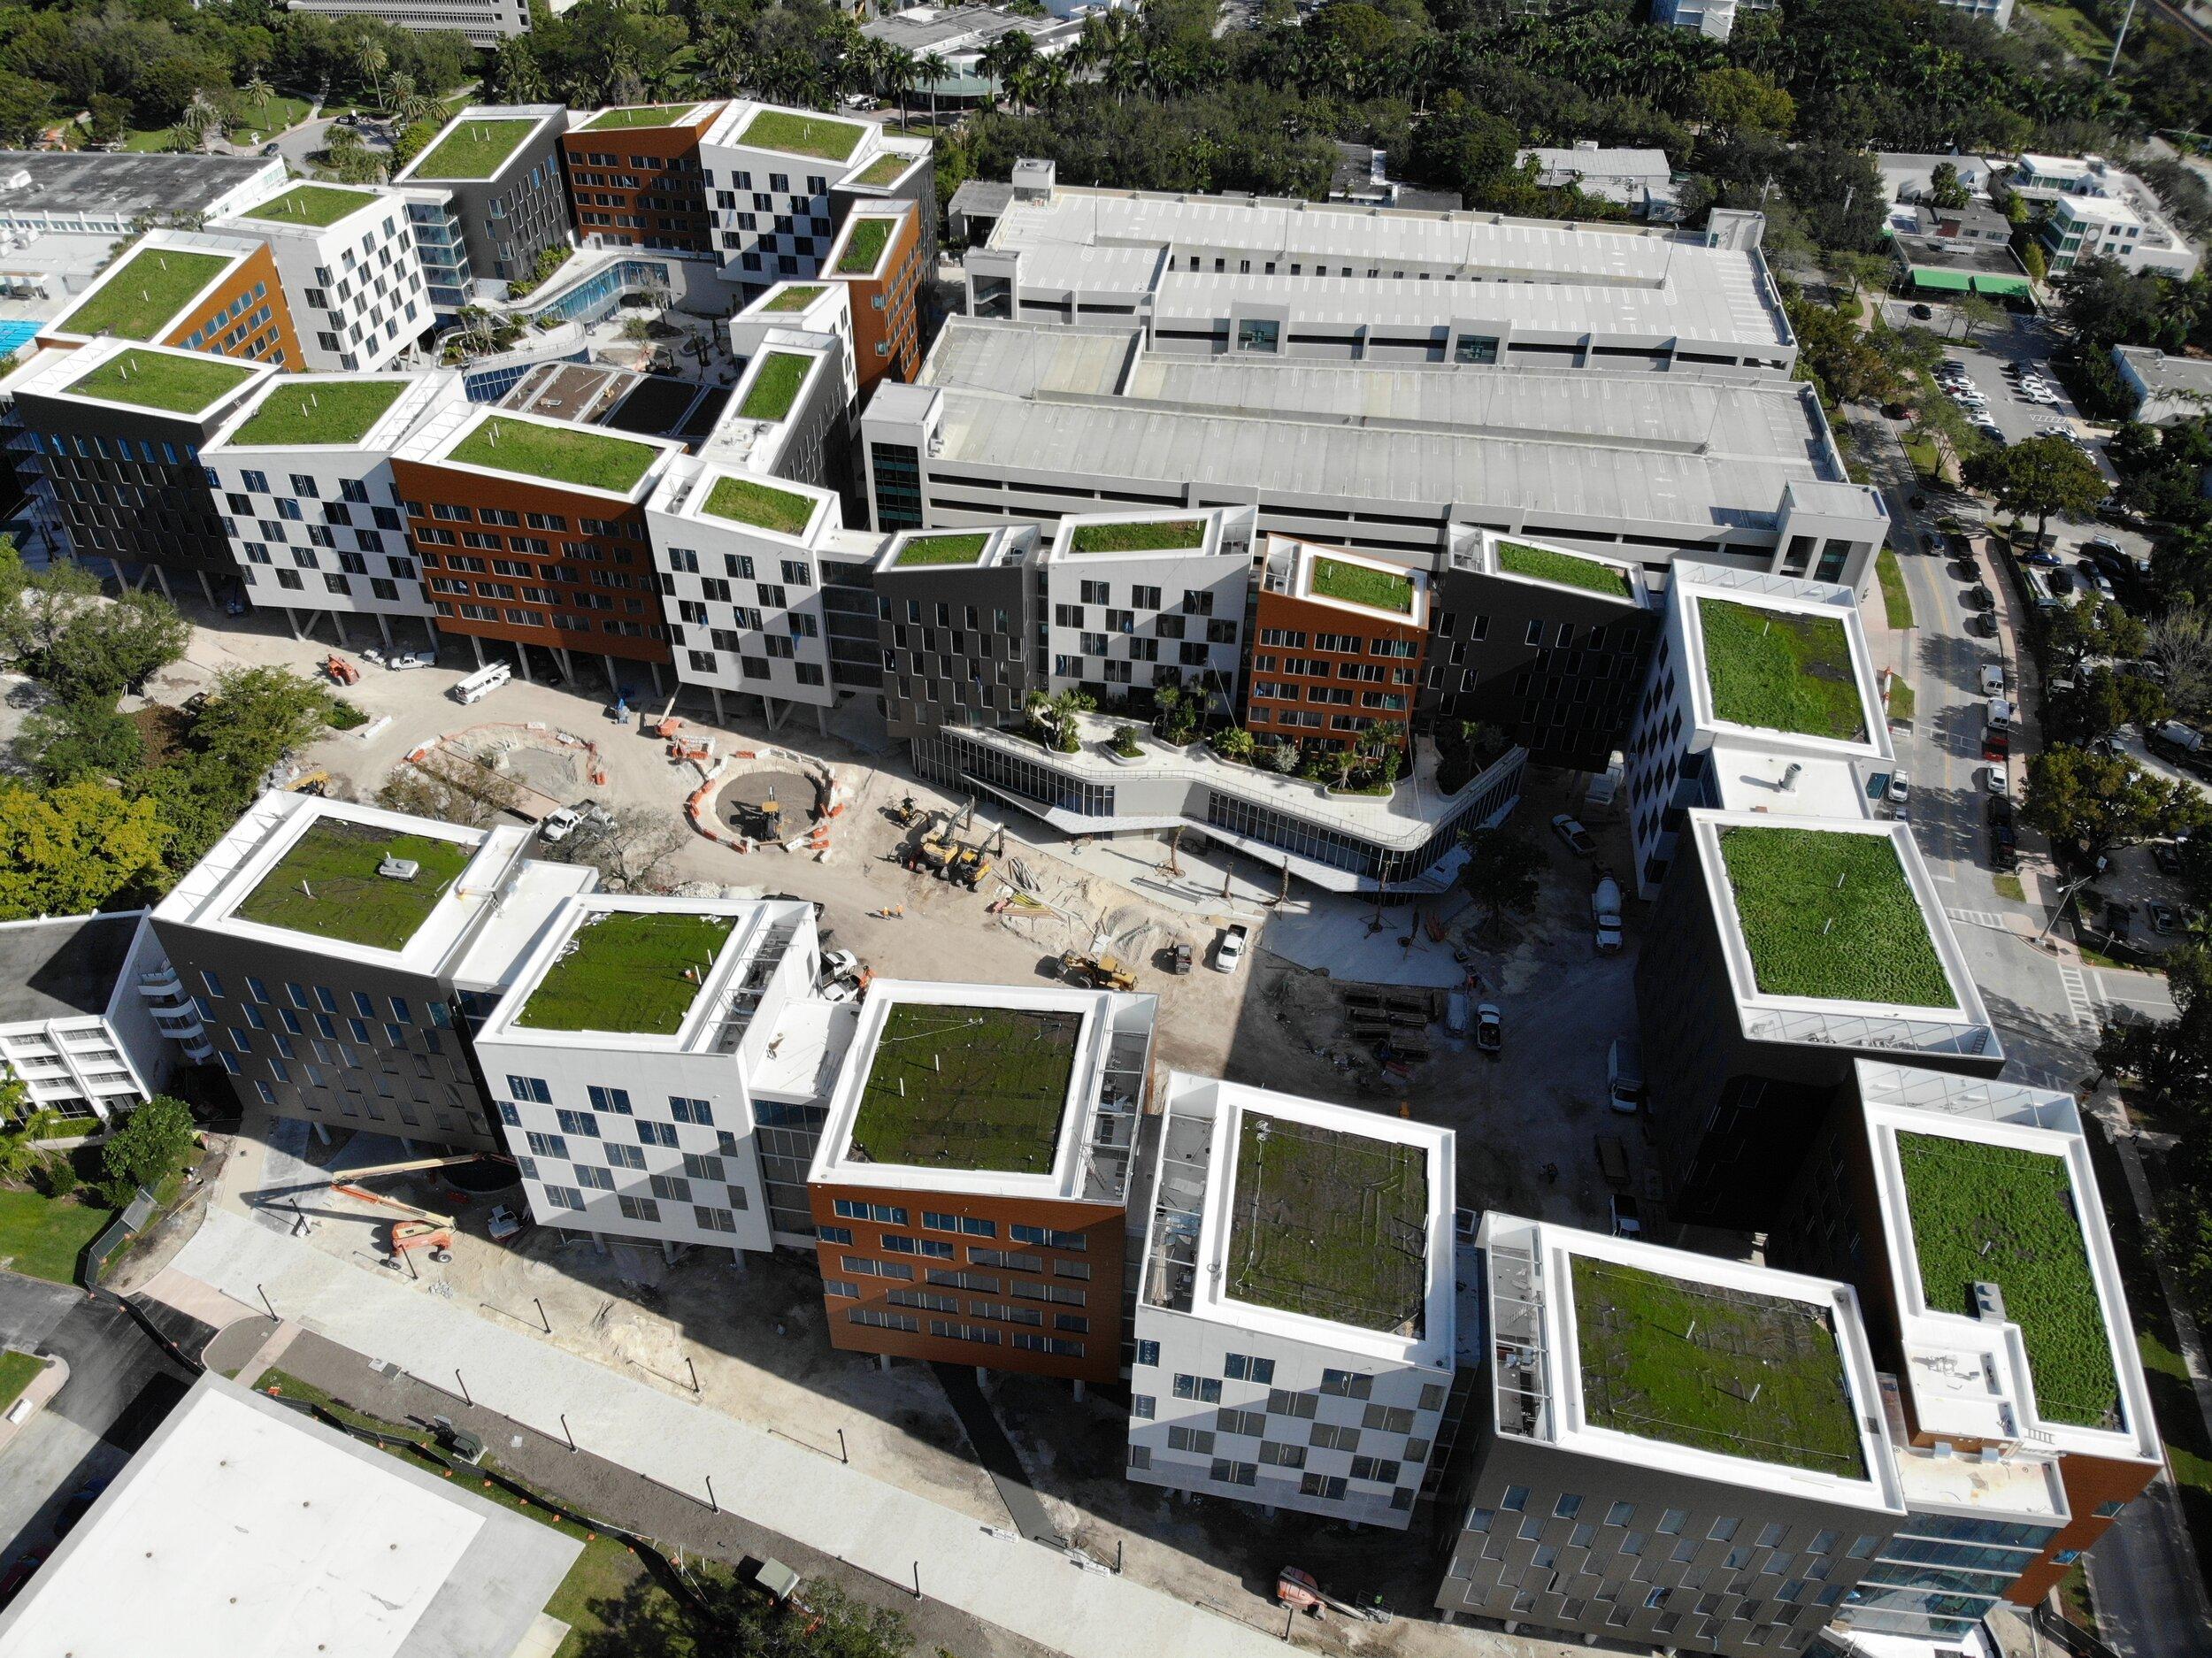 迈阿密大学的湖滨村开发项目。